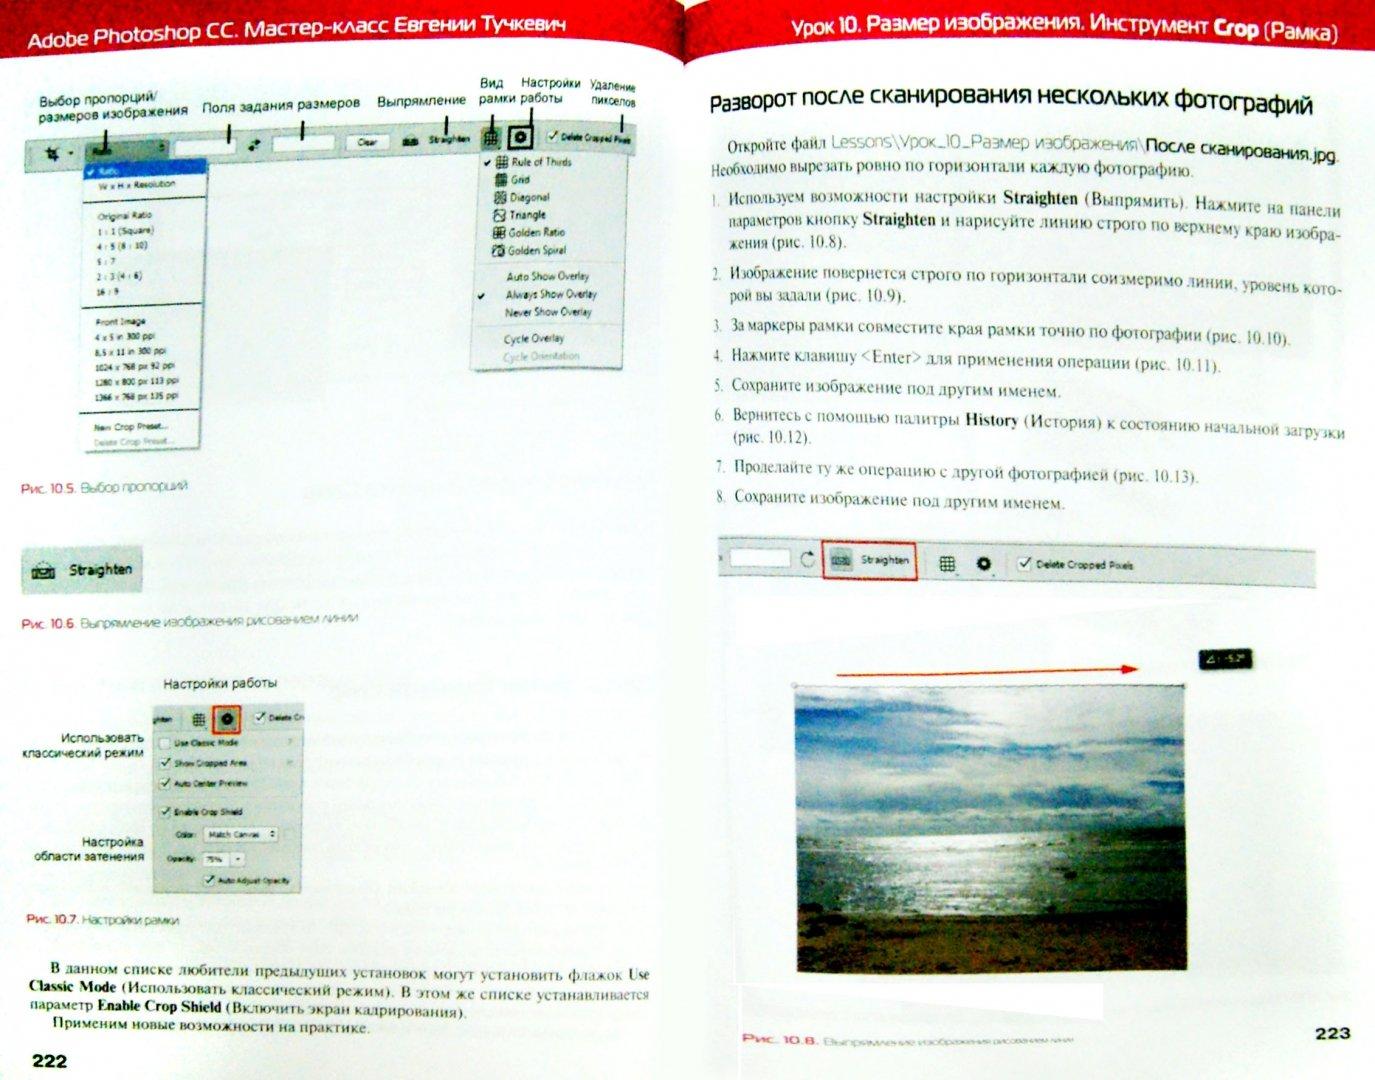 Иллюстрация 1 из 8 для Adobe Photoshop CС. Мастер-класс Евгении Тучкевич - Евгения Тучкевич | Лабиринт - книги. Источник: Лабиринт